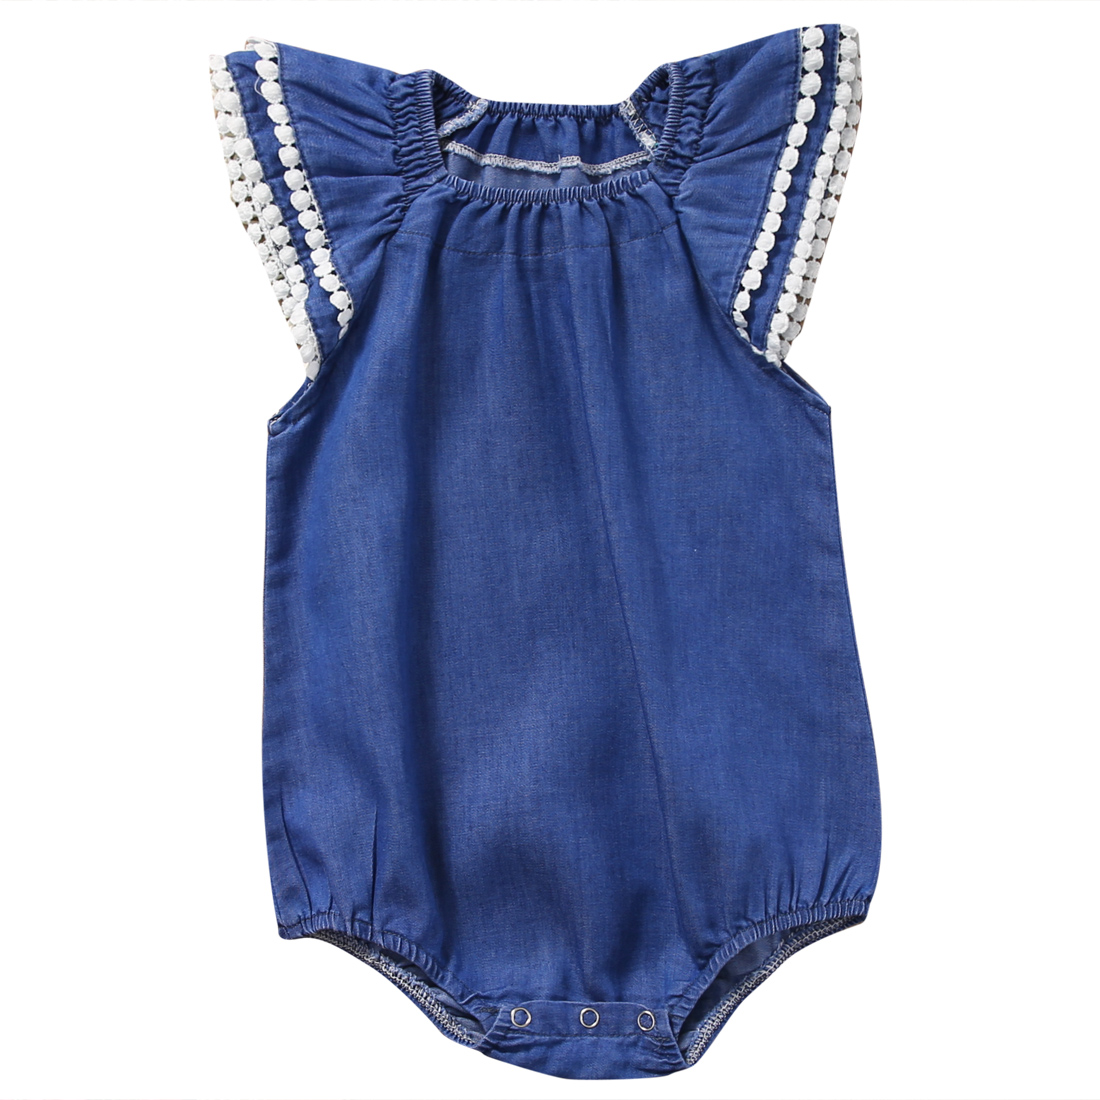 ÚJ érkezések Toddler Kids Baby Girls csecsemő Denim Dodysuit - Bébi ruházat